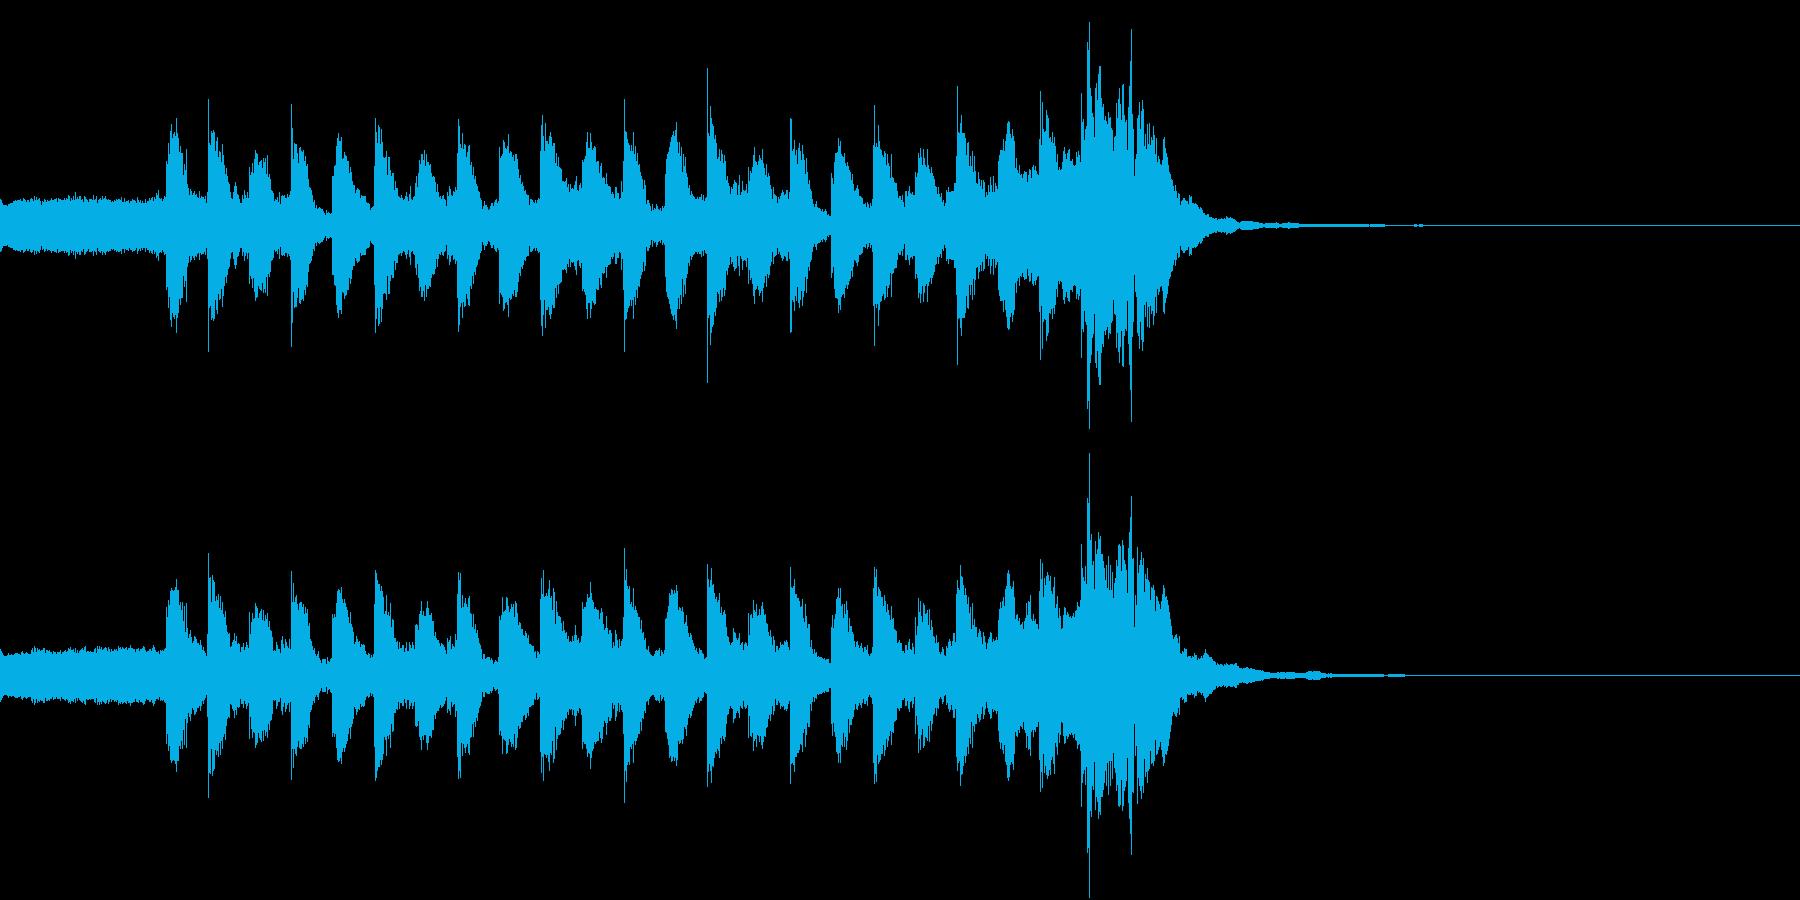 軽快で疾走感があるシンセ曲の再生済みの波形